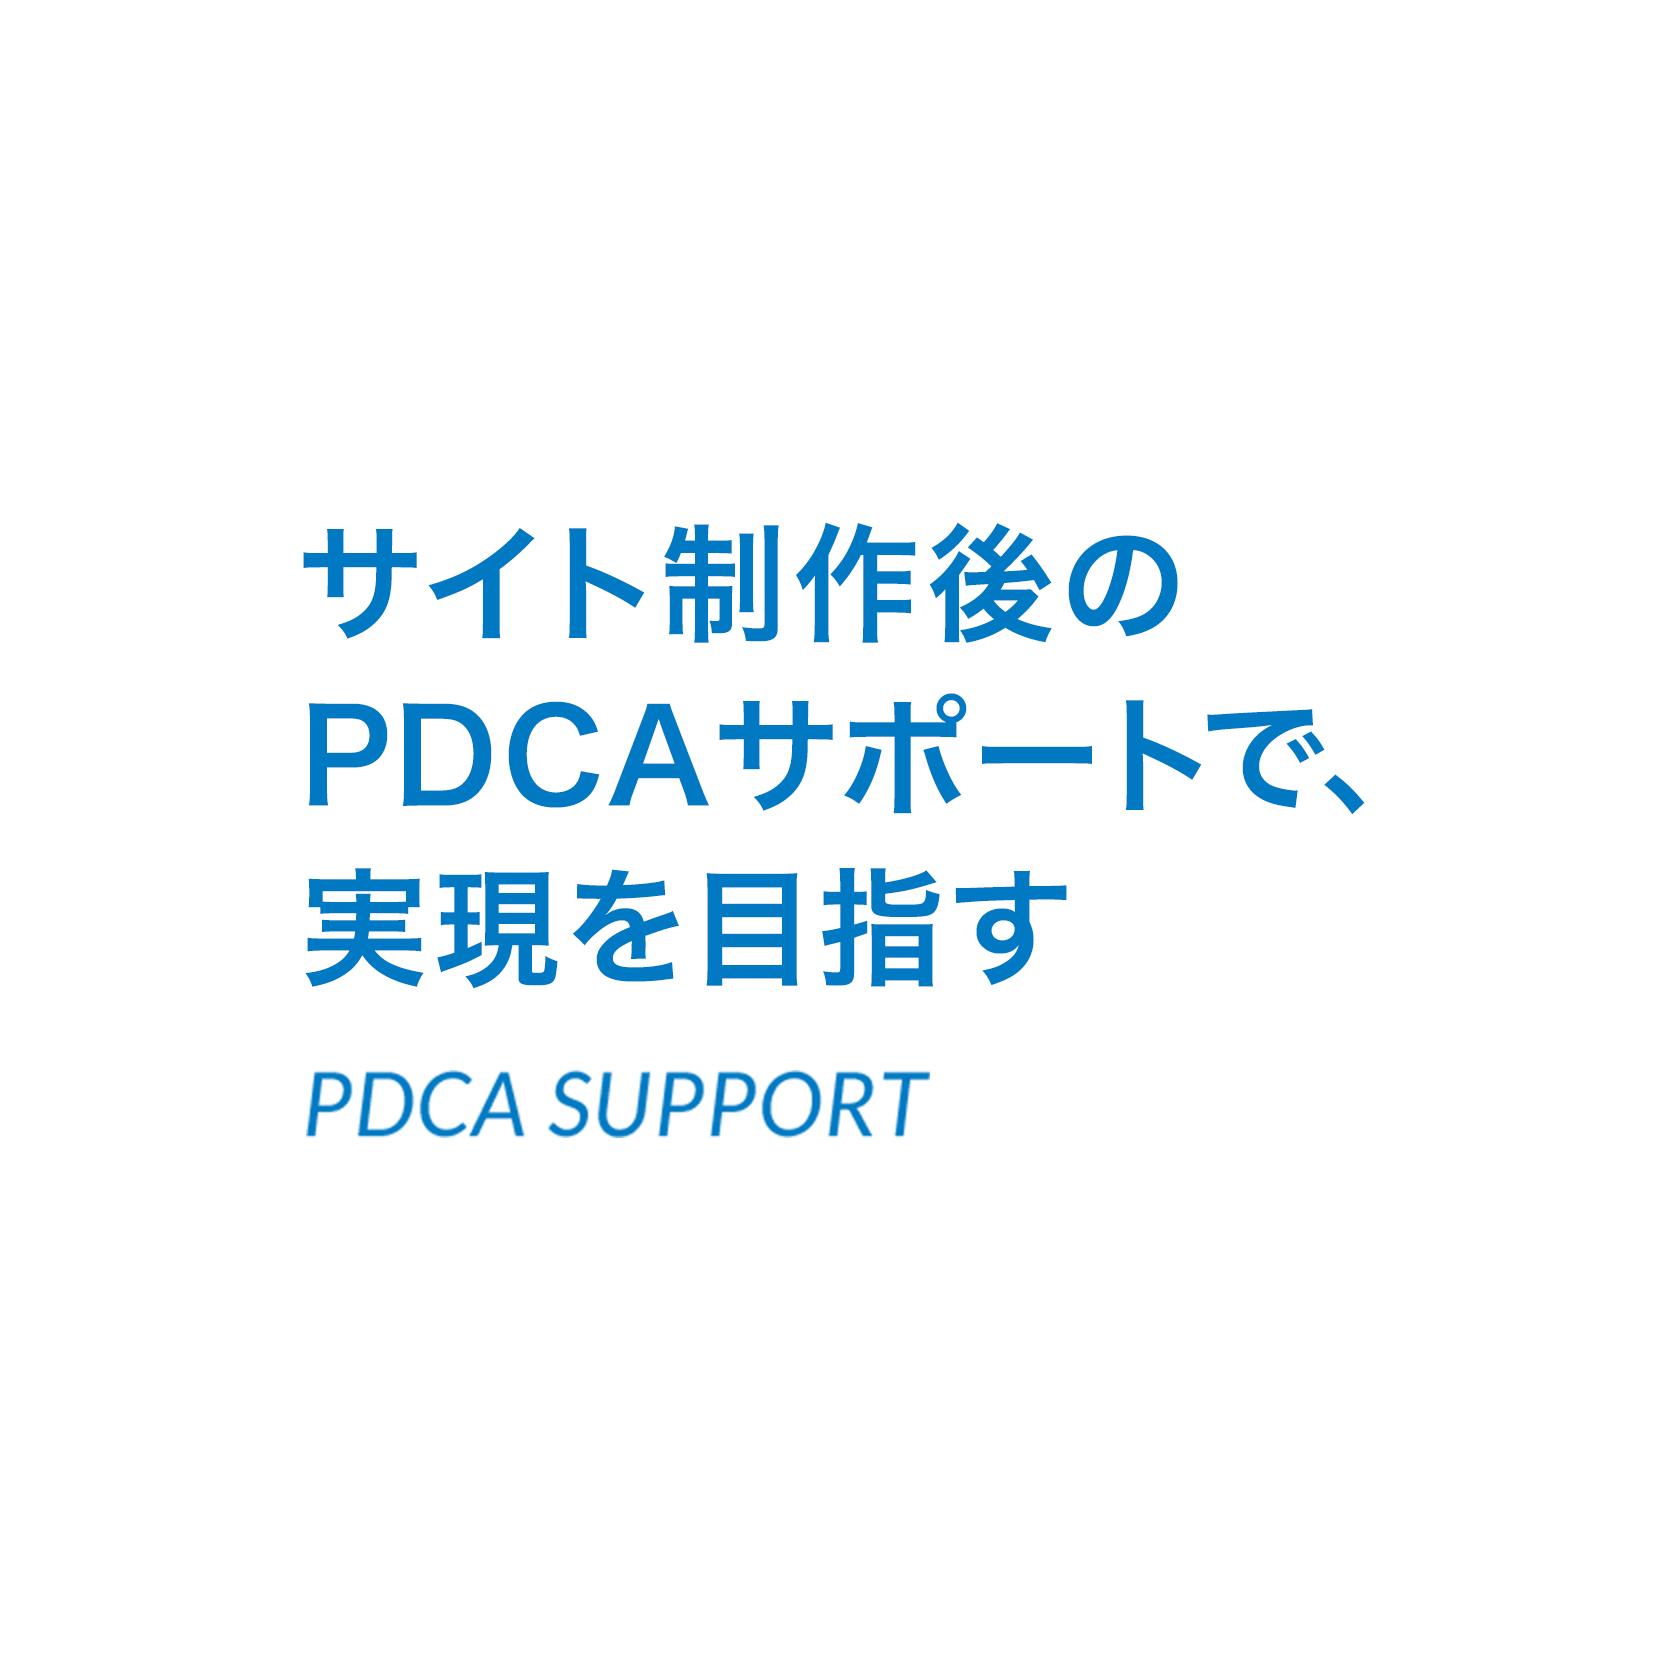 ホームページ制作 - オブ・ユース 大阪のホームページ制作会社